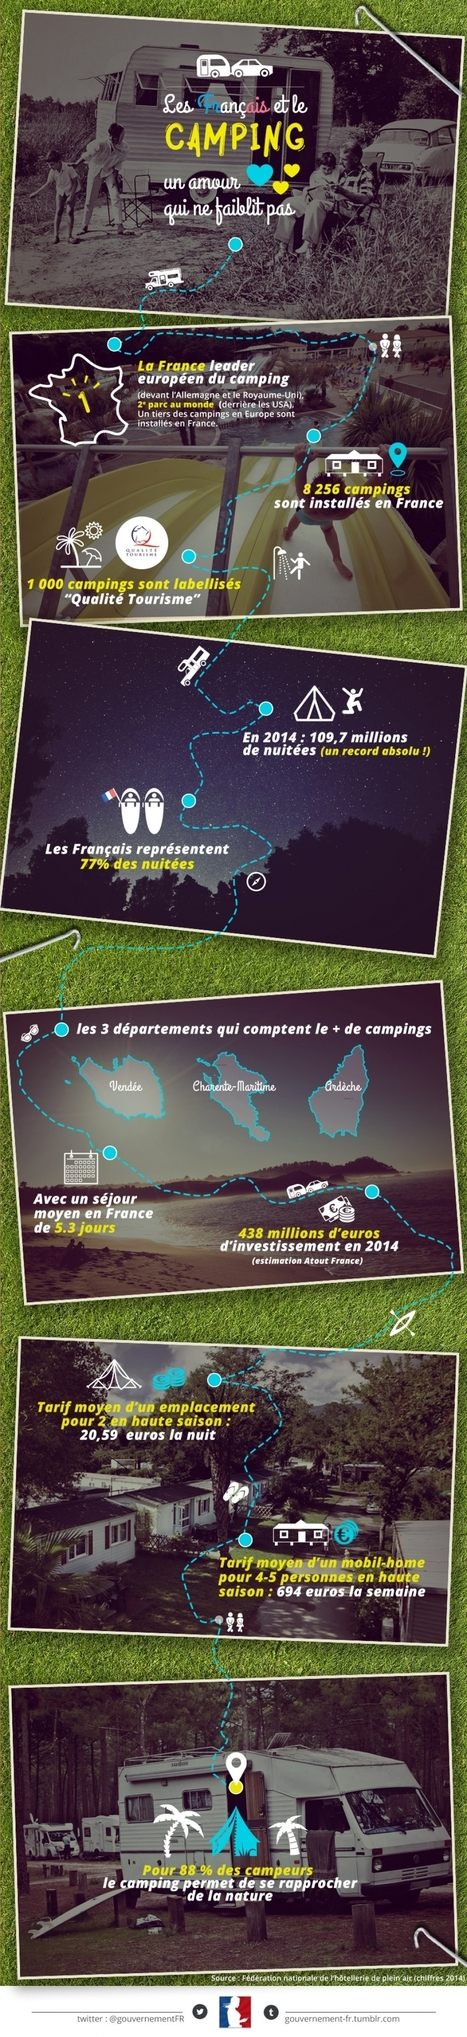 El Conde. fr: Les Français et le camping | FLE enfants | Scoop.it